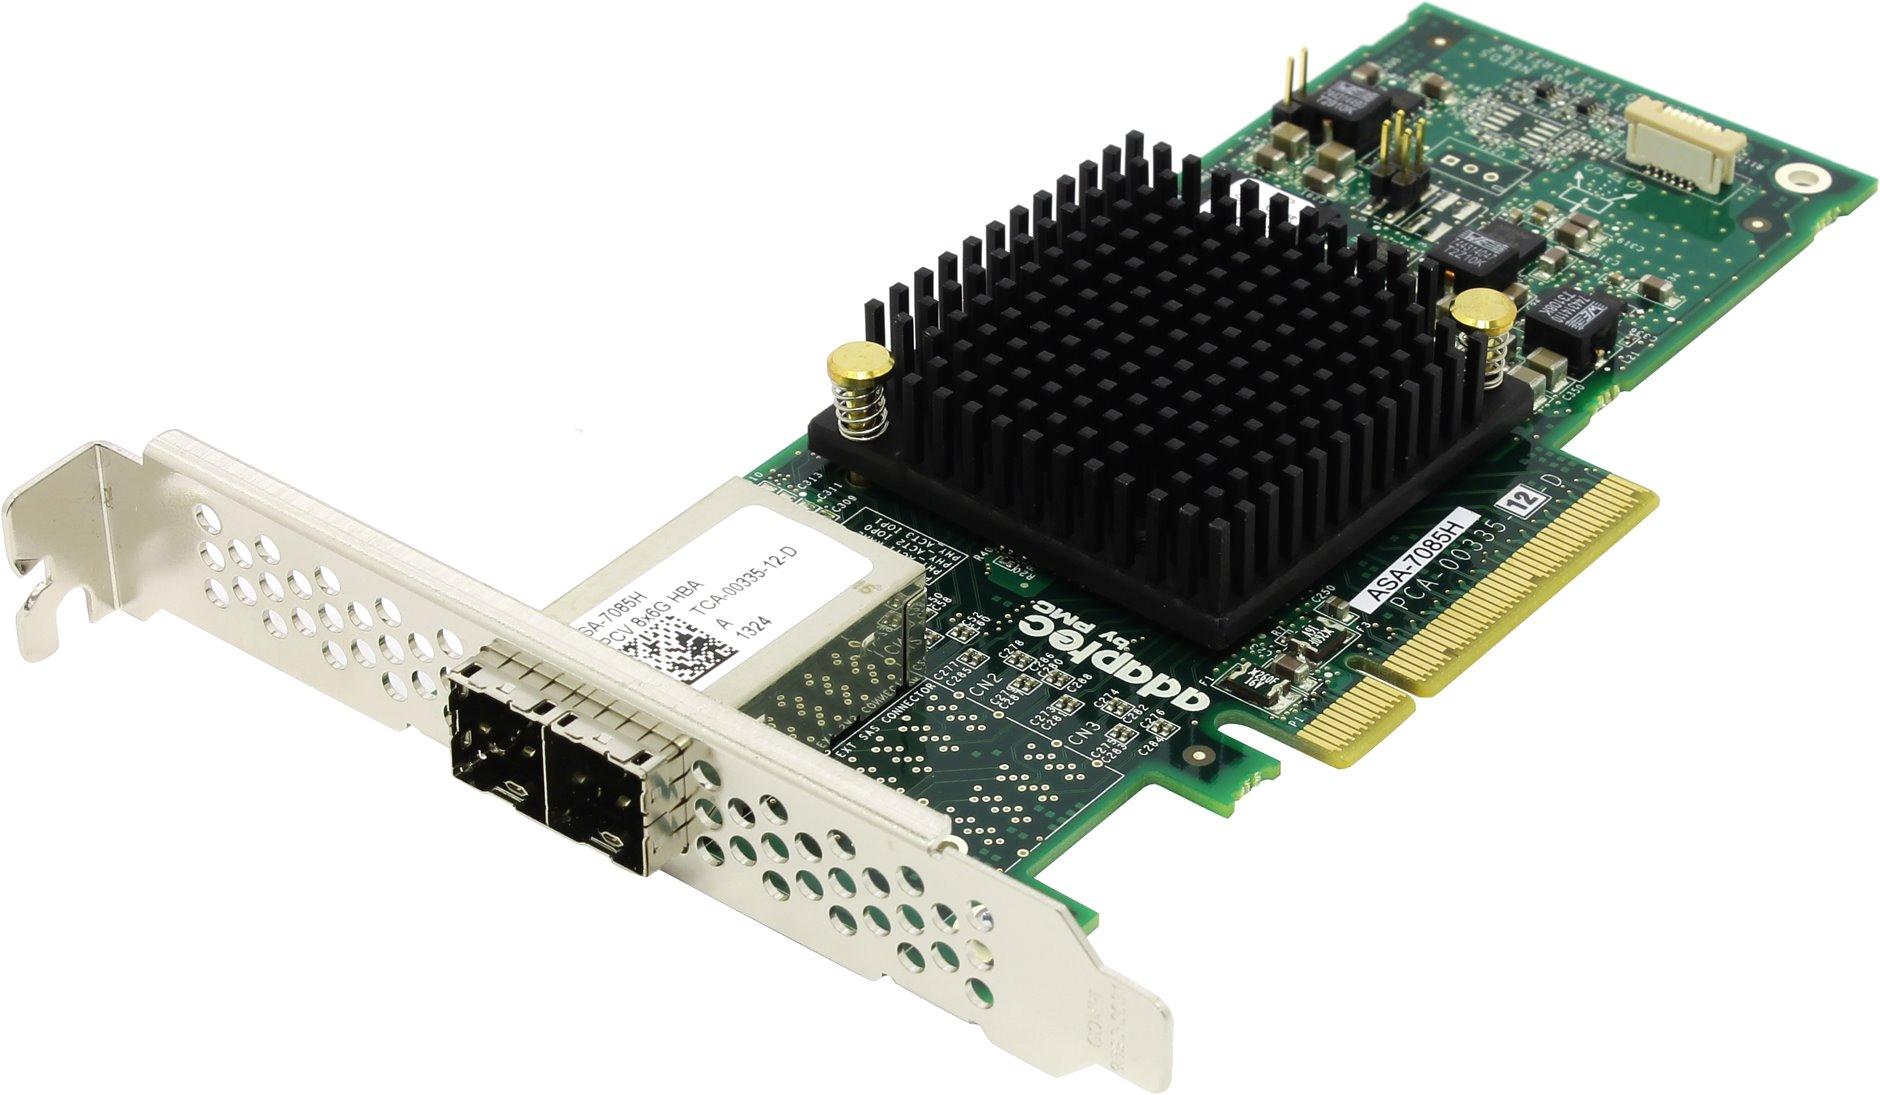 Adaptec ASA-7085H (2278400-R) - (SAS / SATA -контроллер; PCI-Express 8x rev.3.0 (обратно совместим с rev.2.x и 1.х); внутри 2x Mini-SAS HD (SFF8644) • Подкл. устр-ва: 8 с прямым подключением или до 128 с помощью SAS-экспандеров)